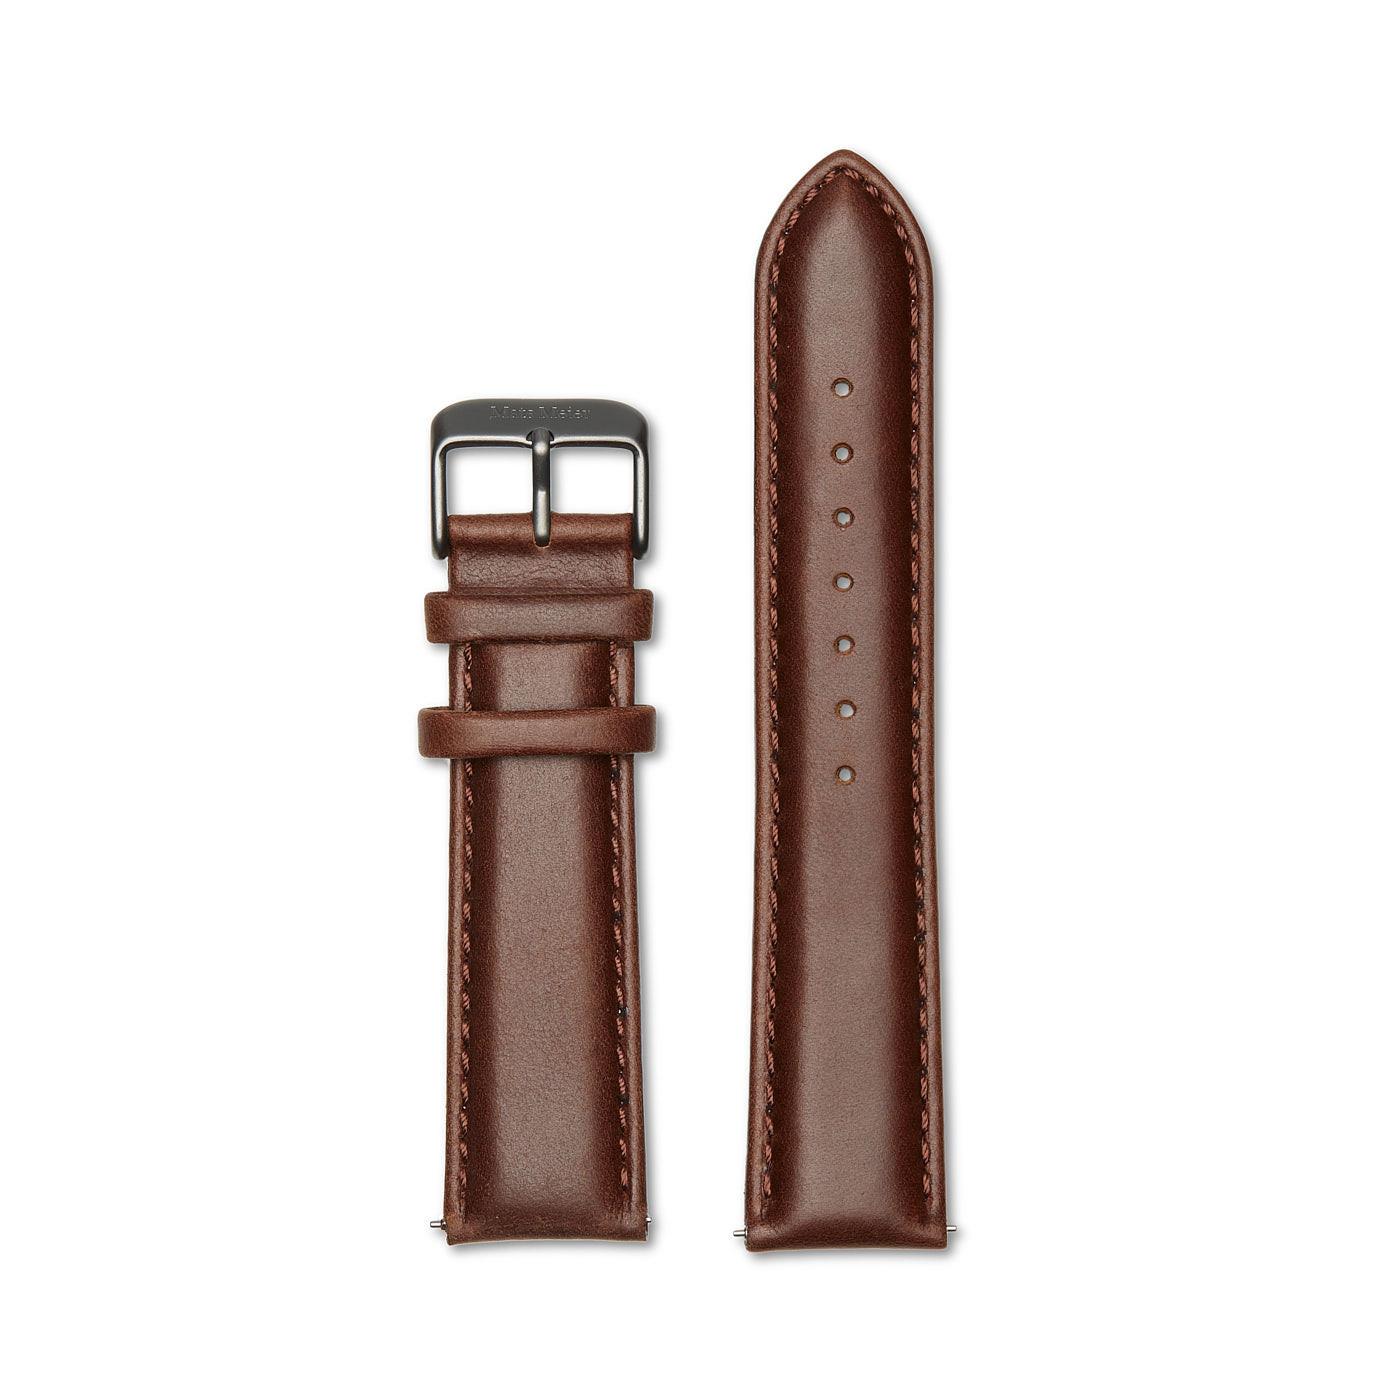 Mats Meier Grand Cornier cinturino in pelle da 22 mm color nocciola